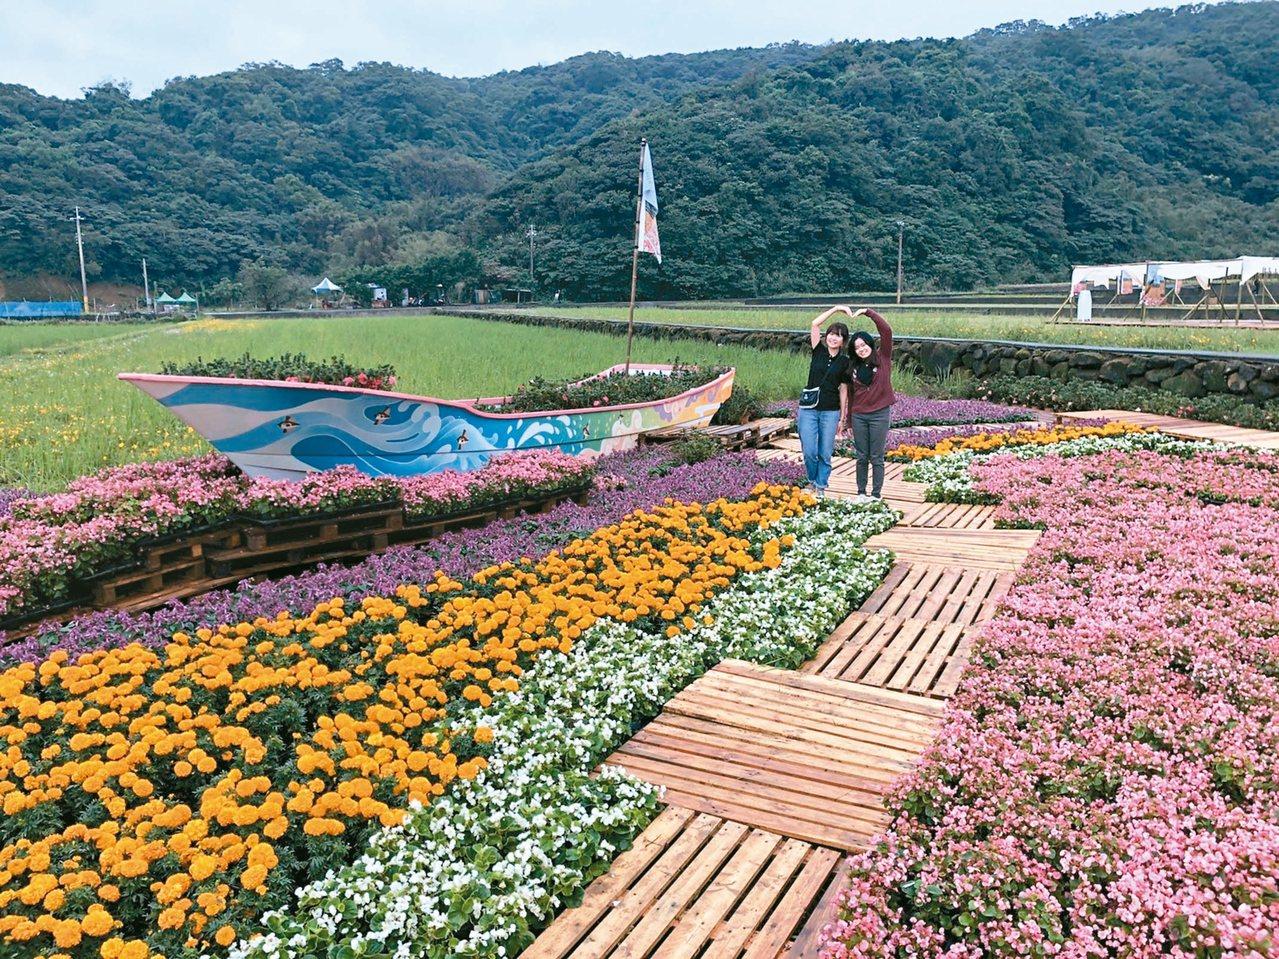 新北景觀處與金山農友合作,在休耕期間種植在秋冬季開花的西洋杜鵑,現場還有打卡花船...